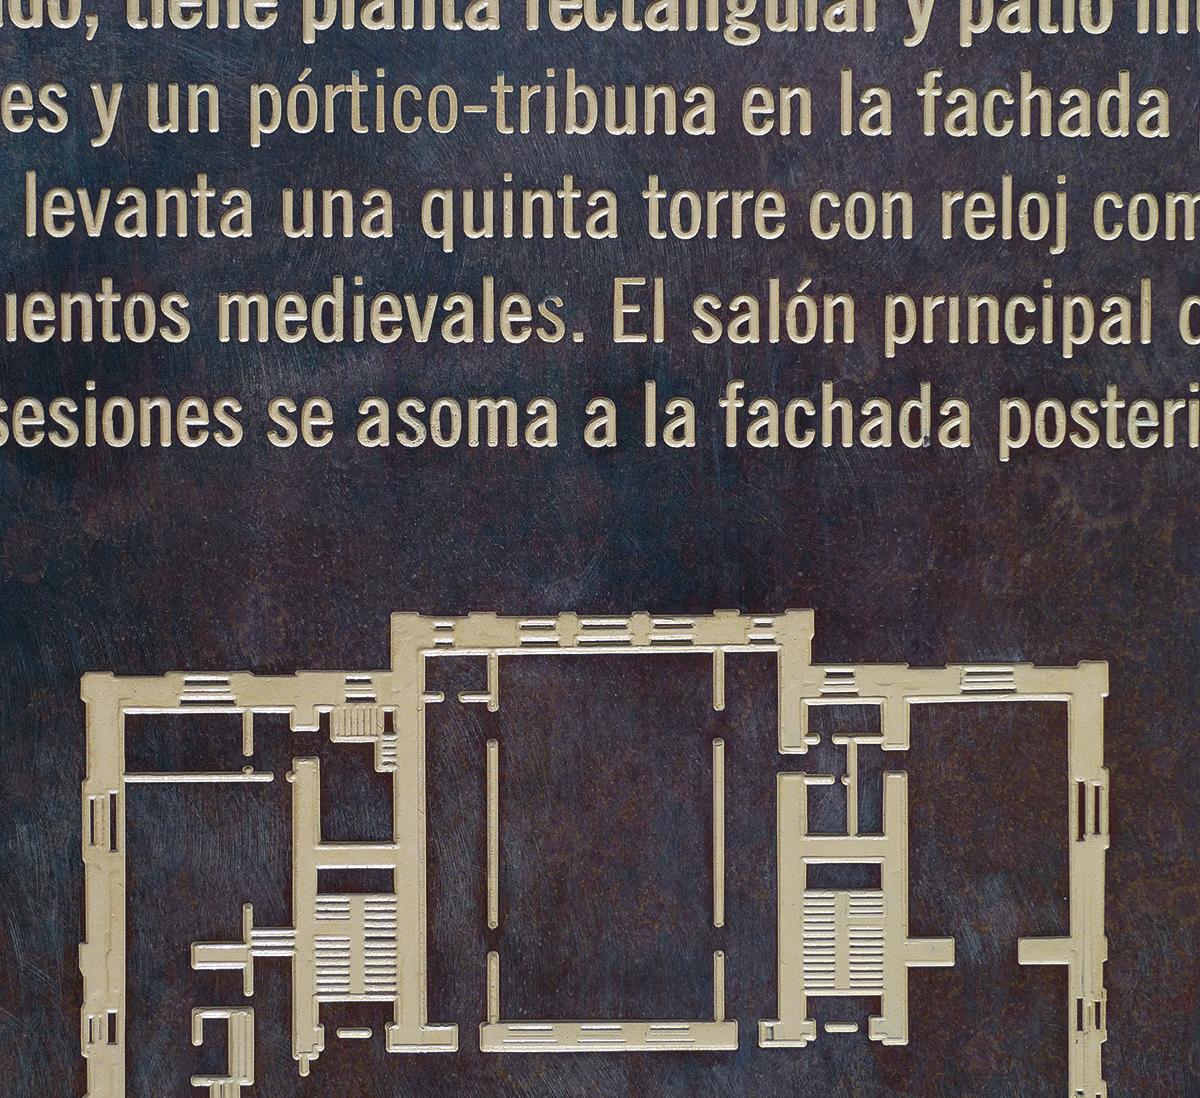 SEÑALIZACION MONUMENTOS VALLADOLID 01